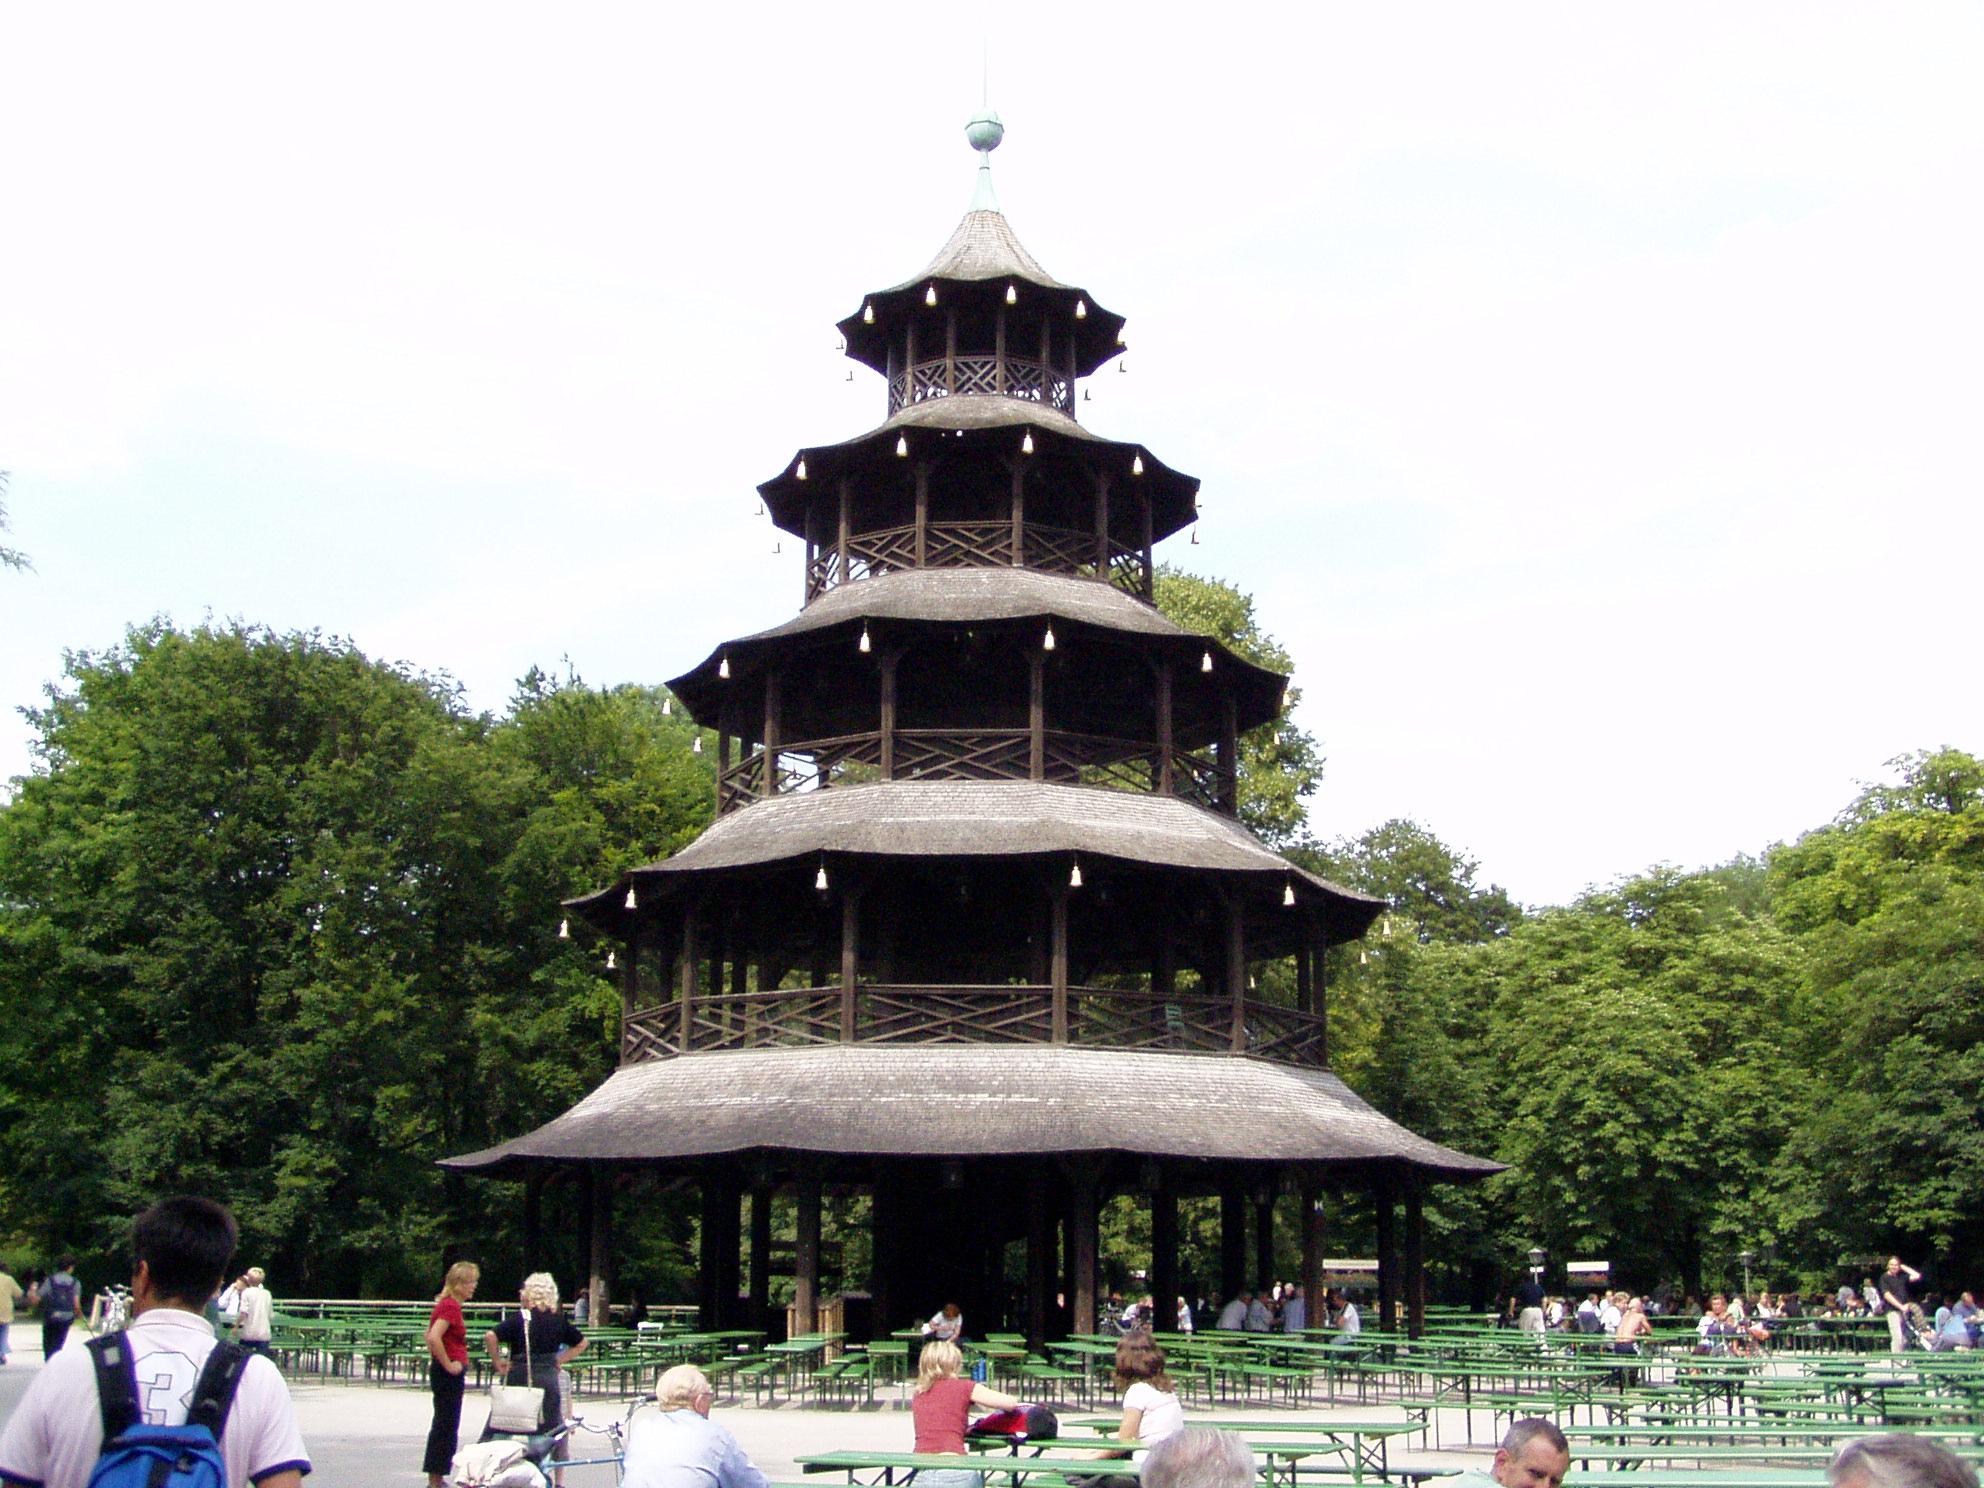 La torre cinese nell Englischer Garten meta sia di turisti sia di cittadini di Monaco